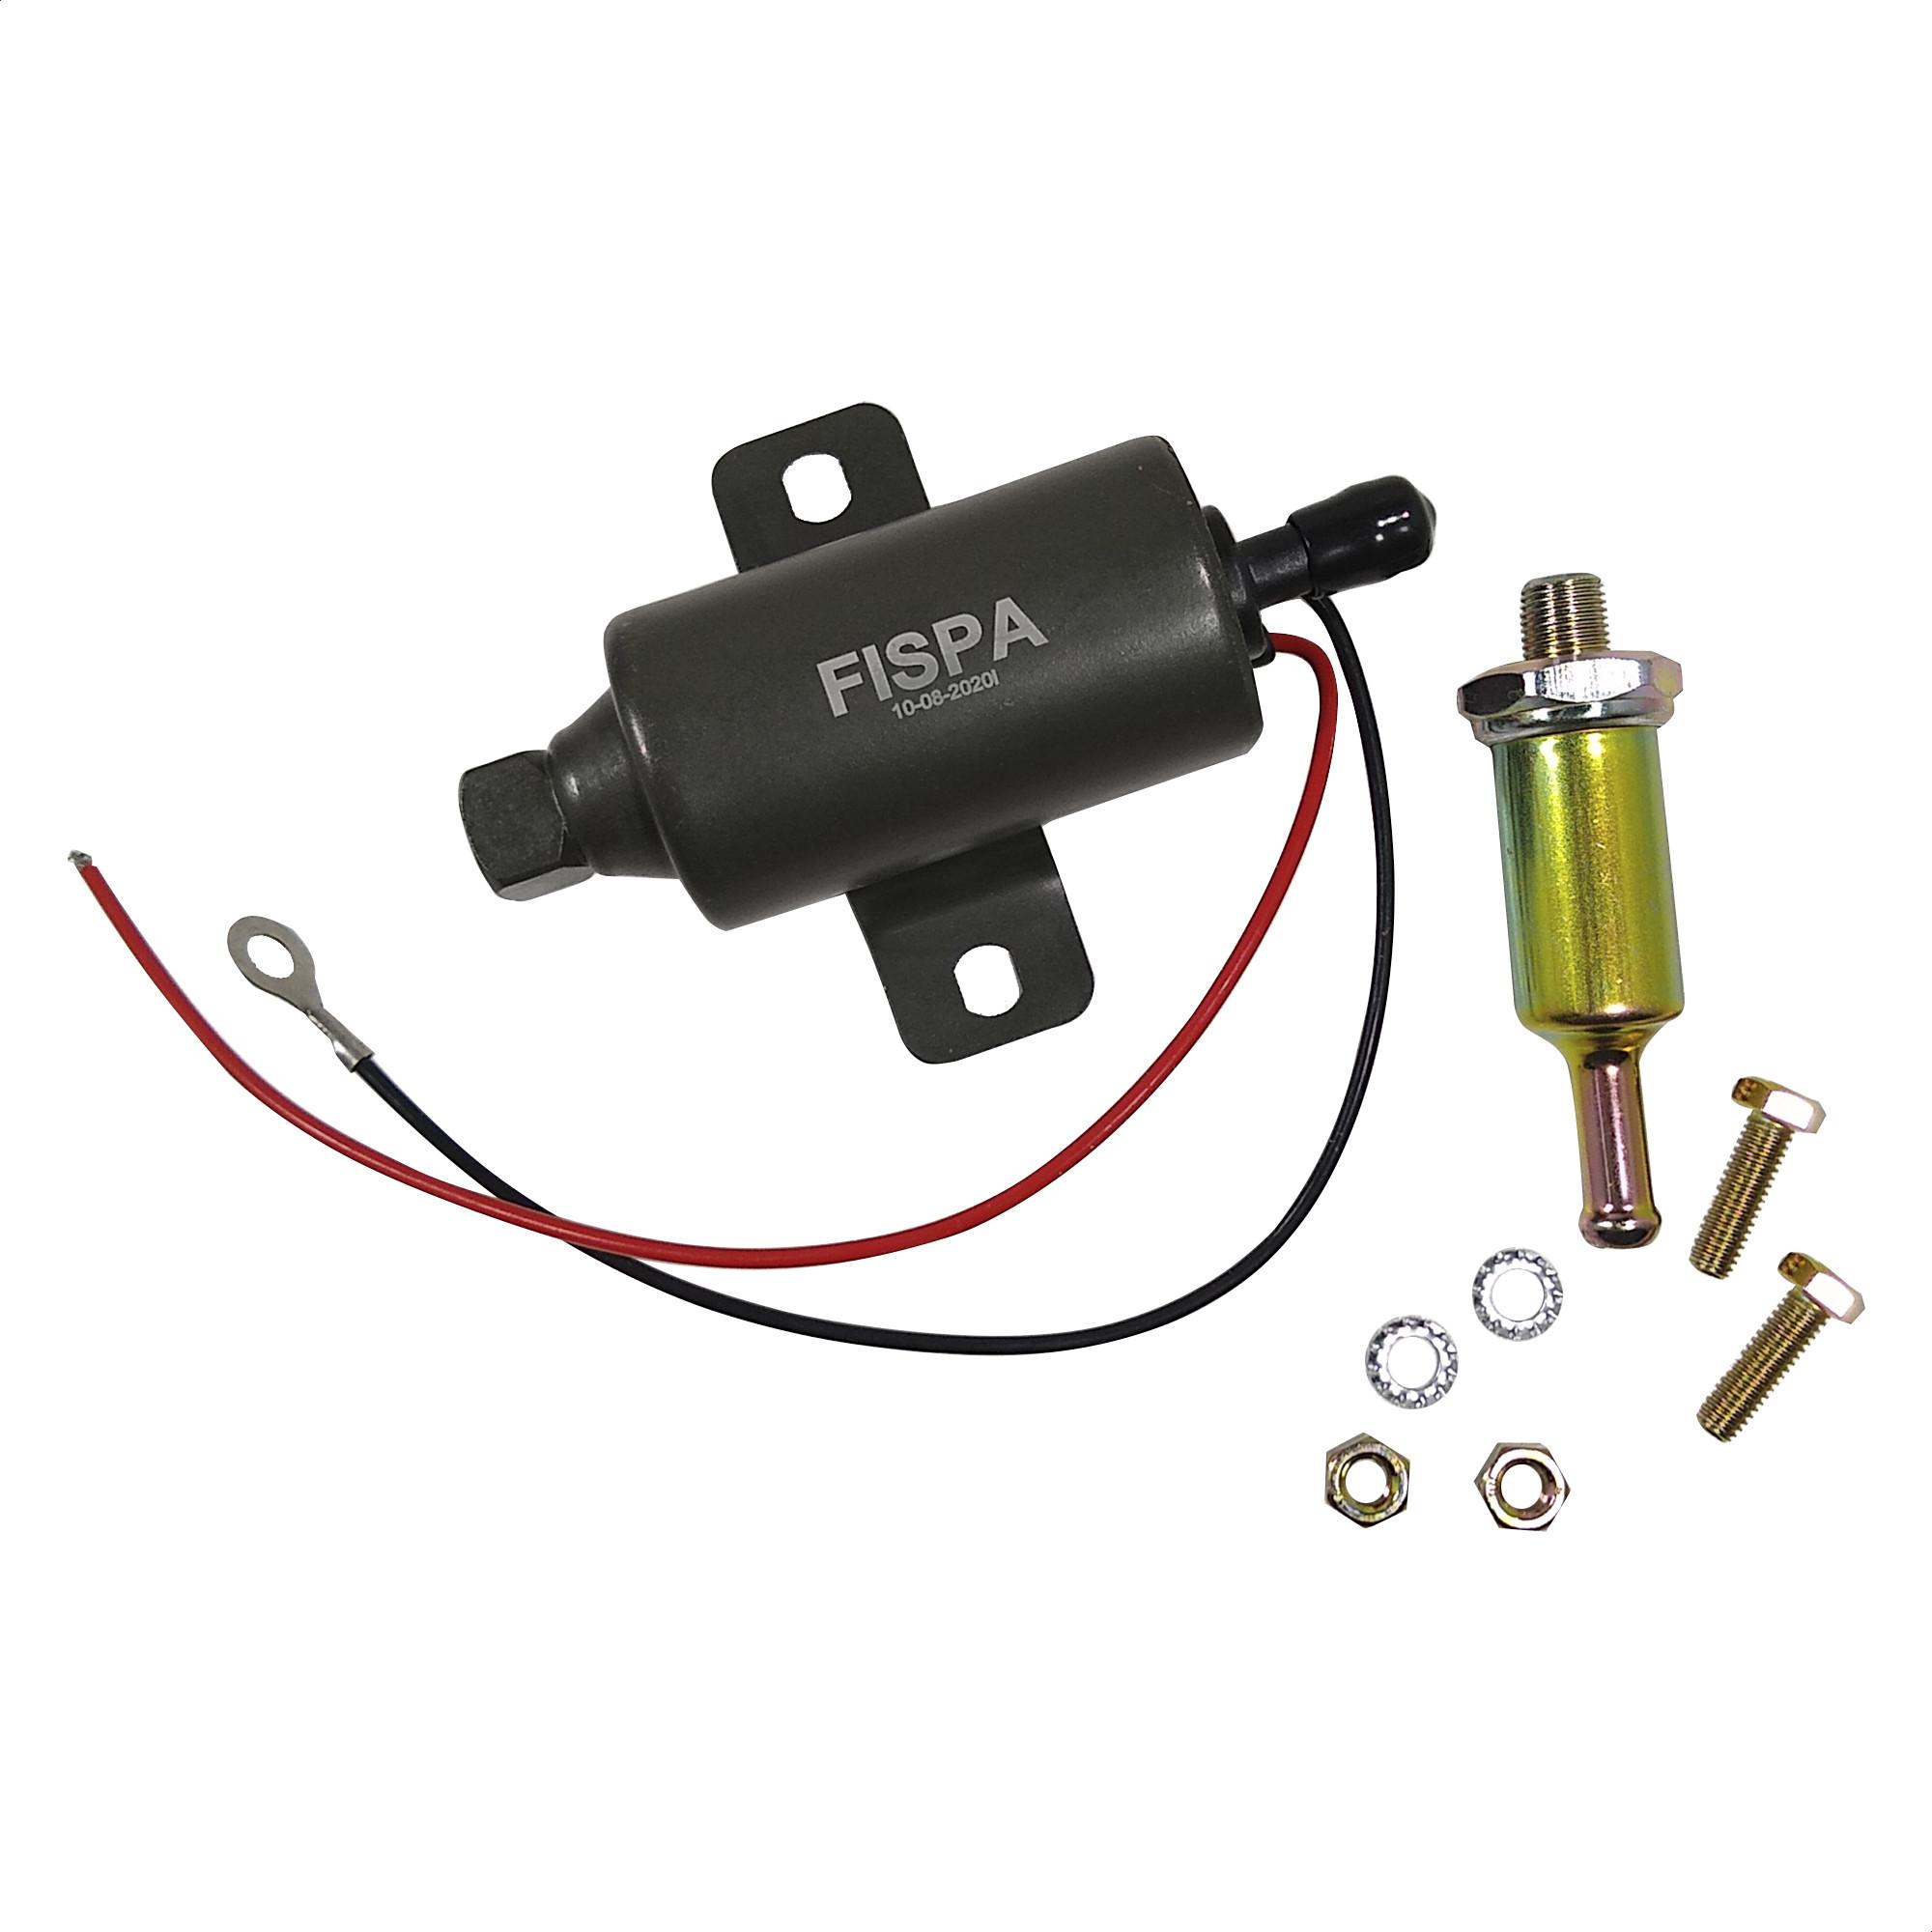 Bomba Electrica Fispa 64045 Combustible Carburador